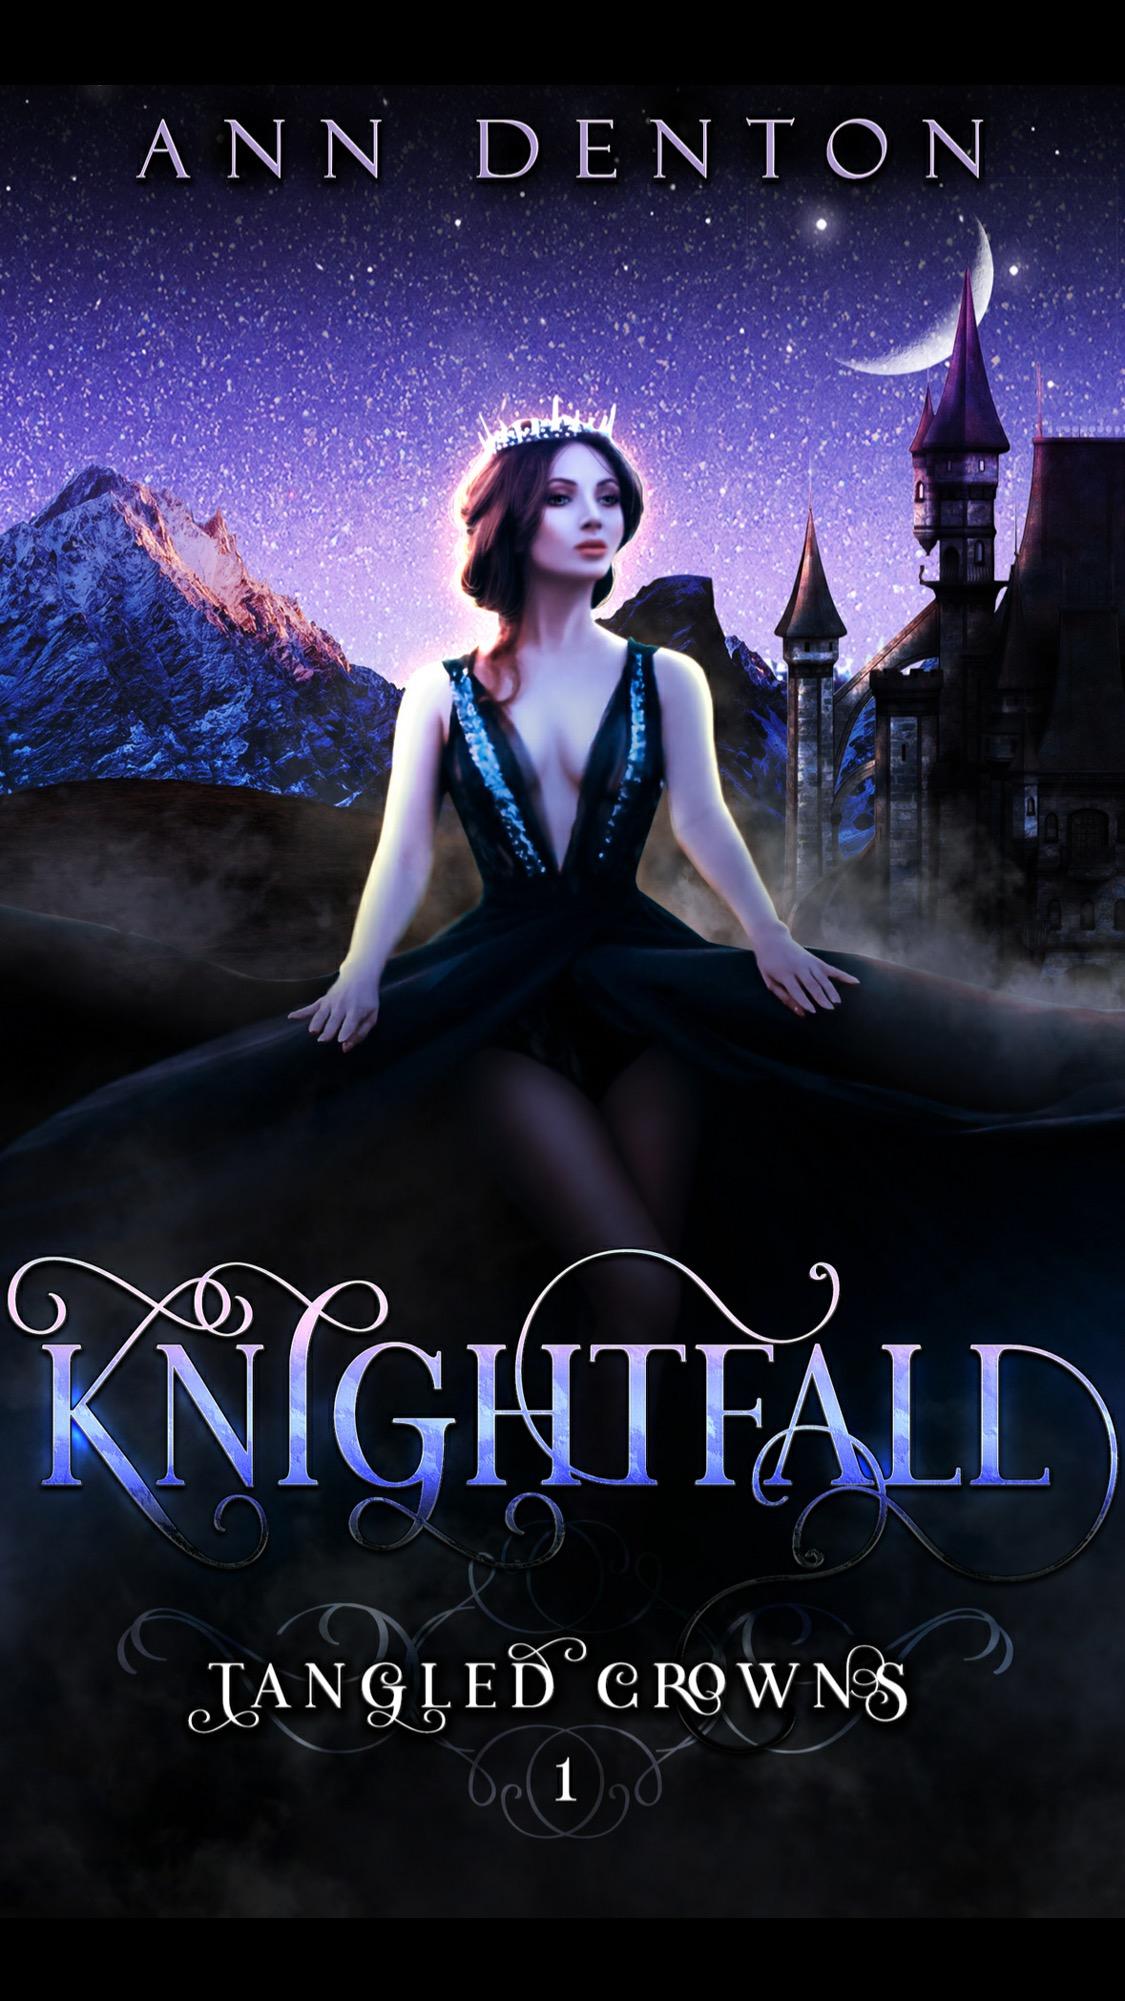 Knightfall by Ann Denton – A Book review